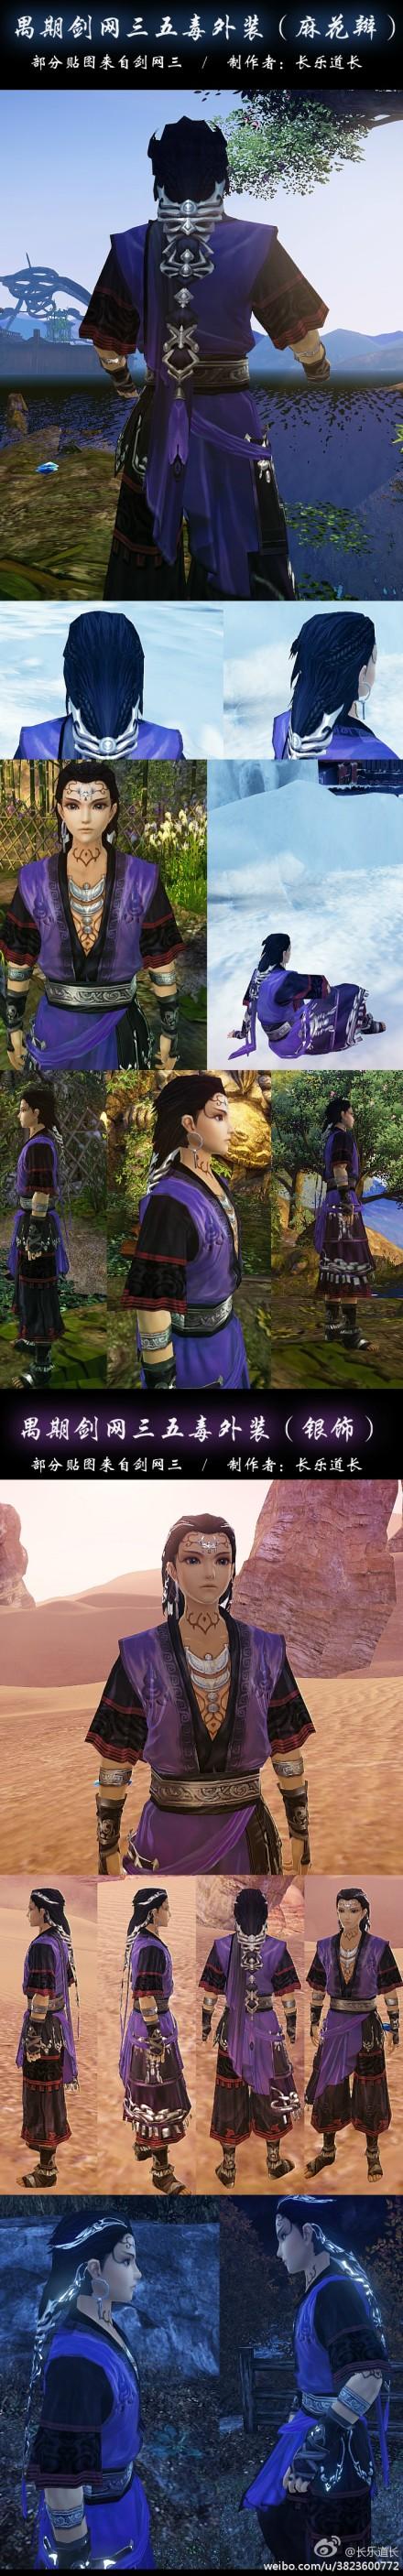 《古剑奇谭2》MOD  禺期mod剑网三五毒装